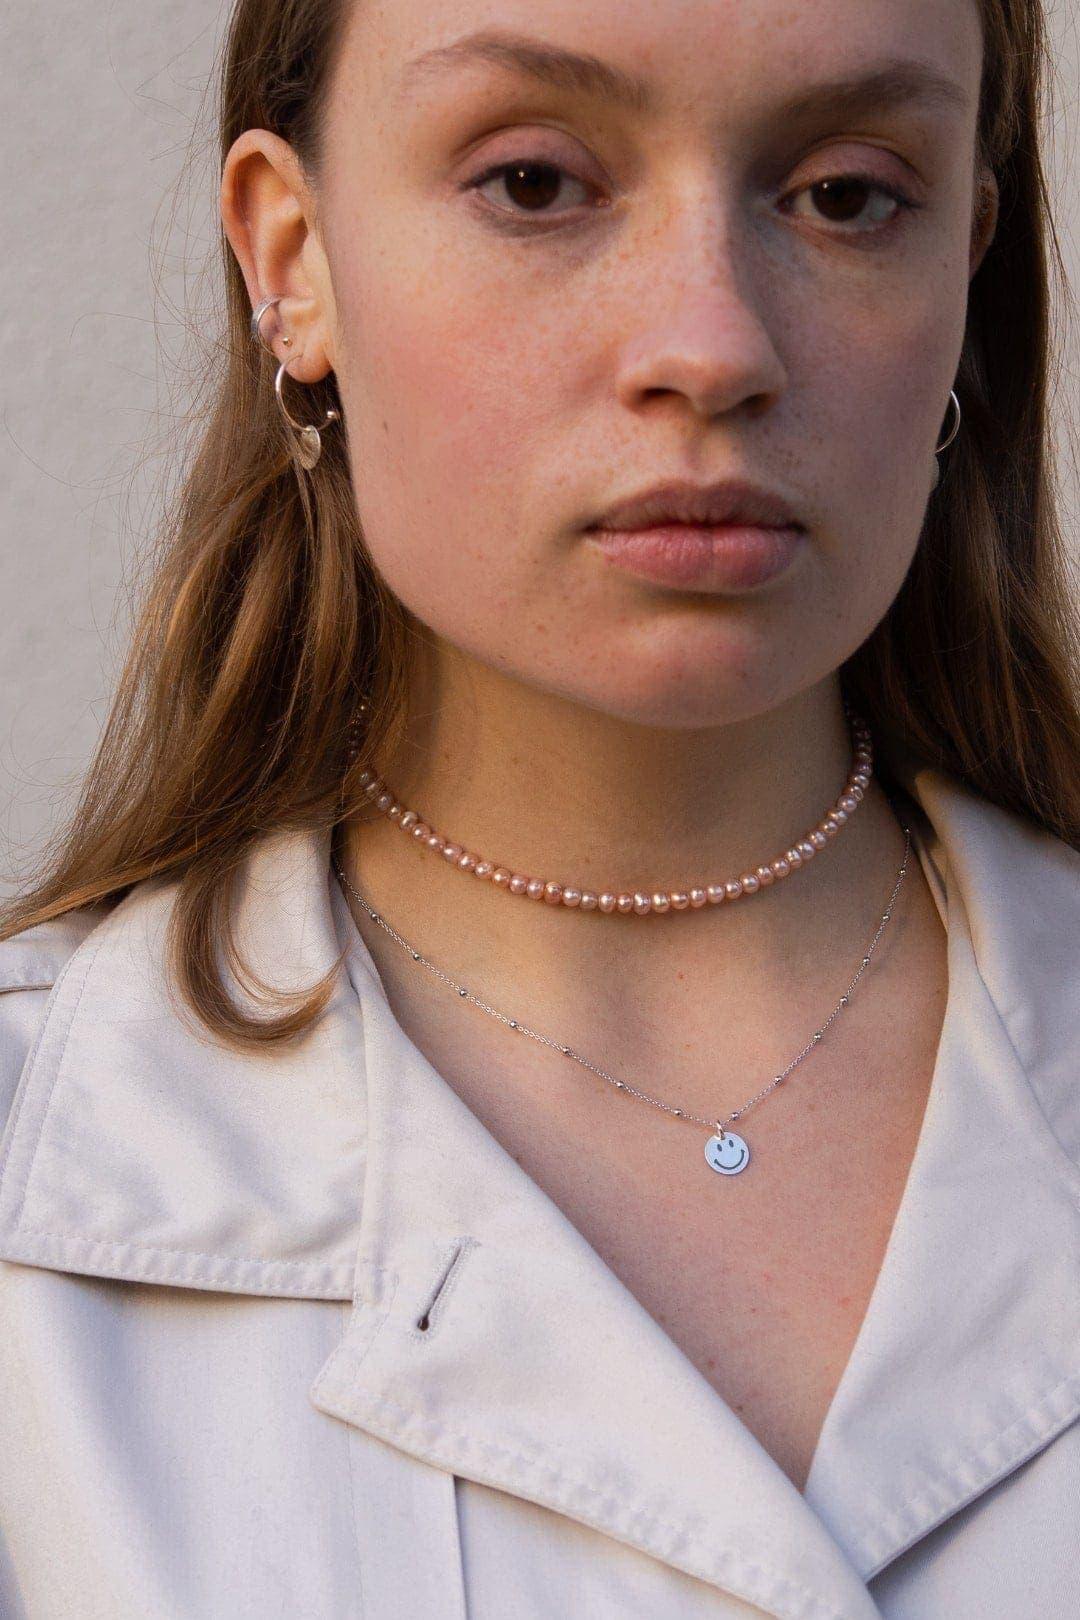 Modelka prezentuje zestaw naszyjników: choker z pereł, naszyjnik z grawerem i srebrne kolczyki koła z zawieszką.